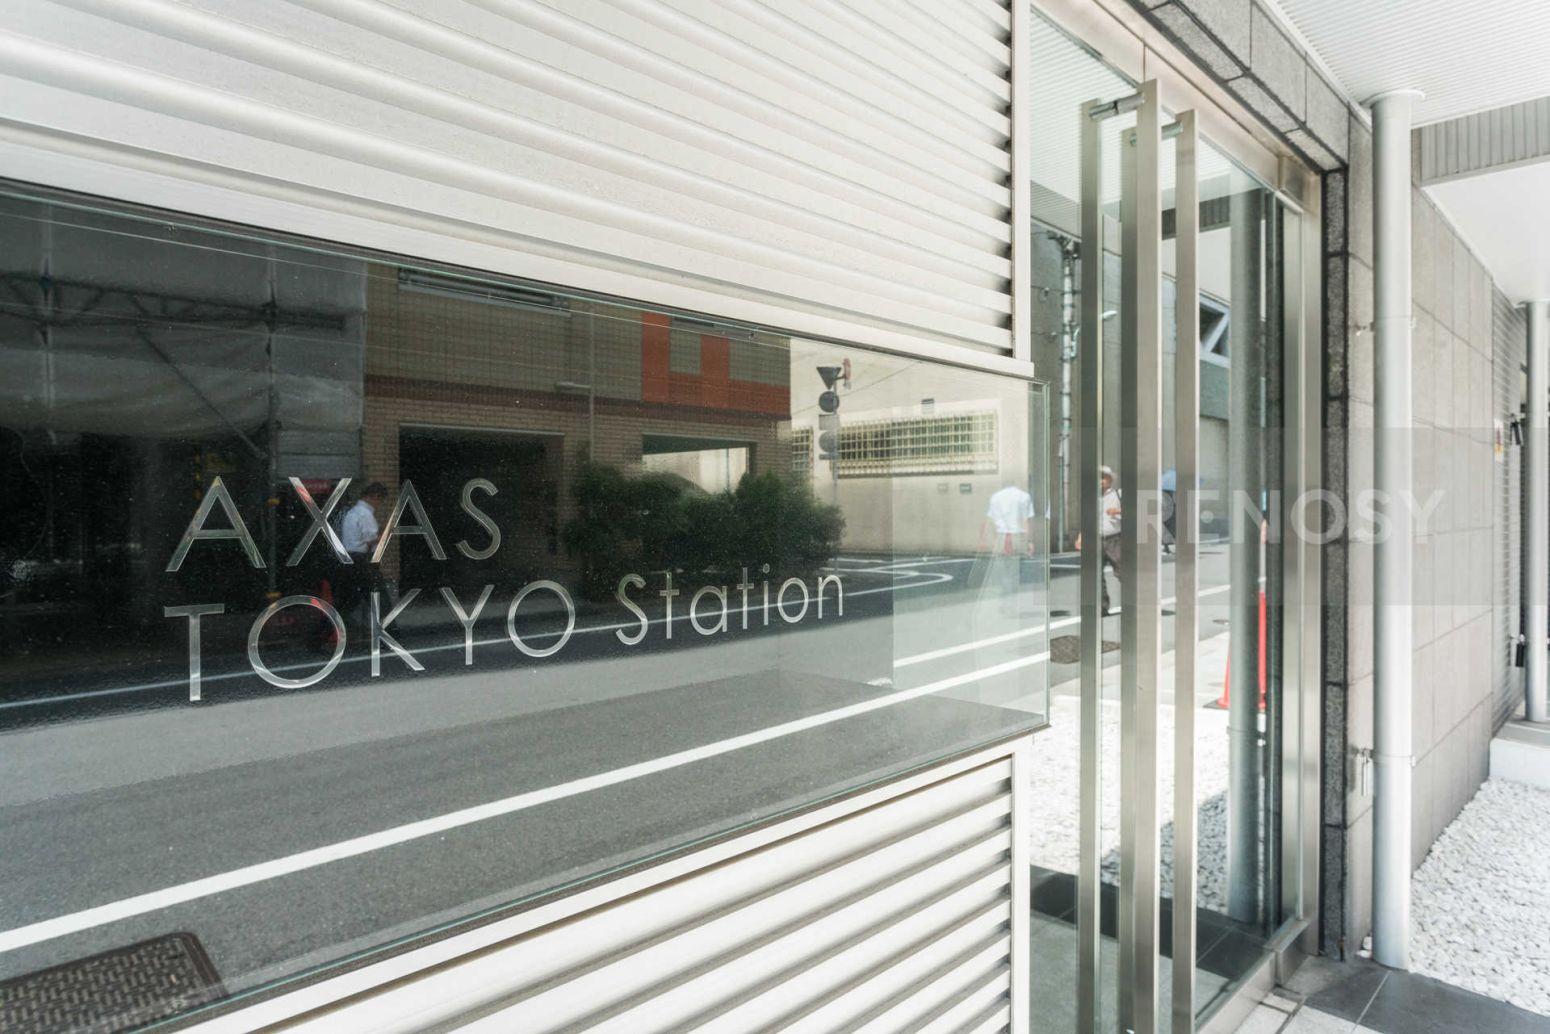 アクサス東京ステーション